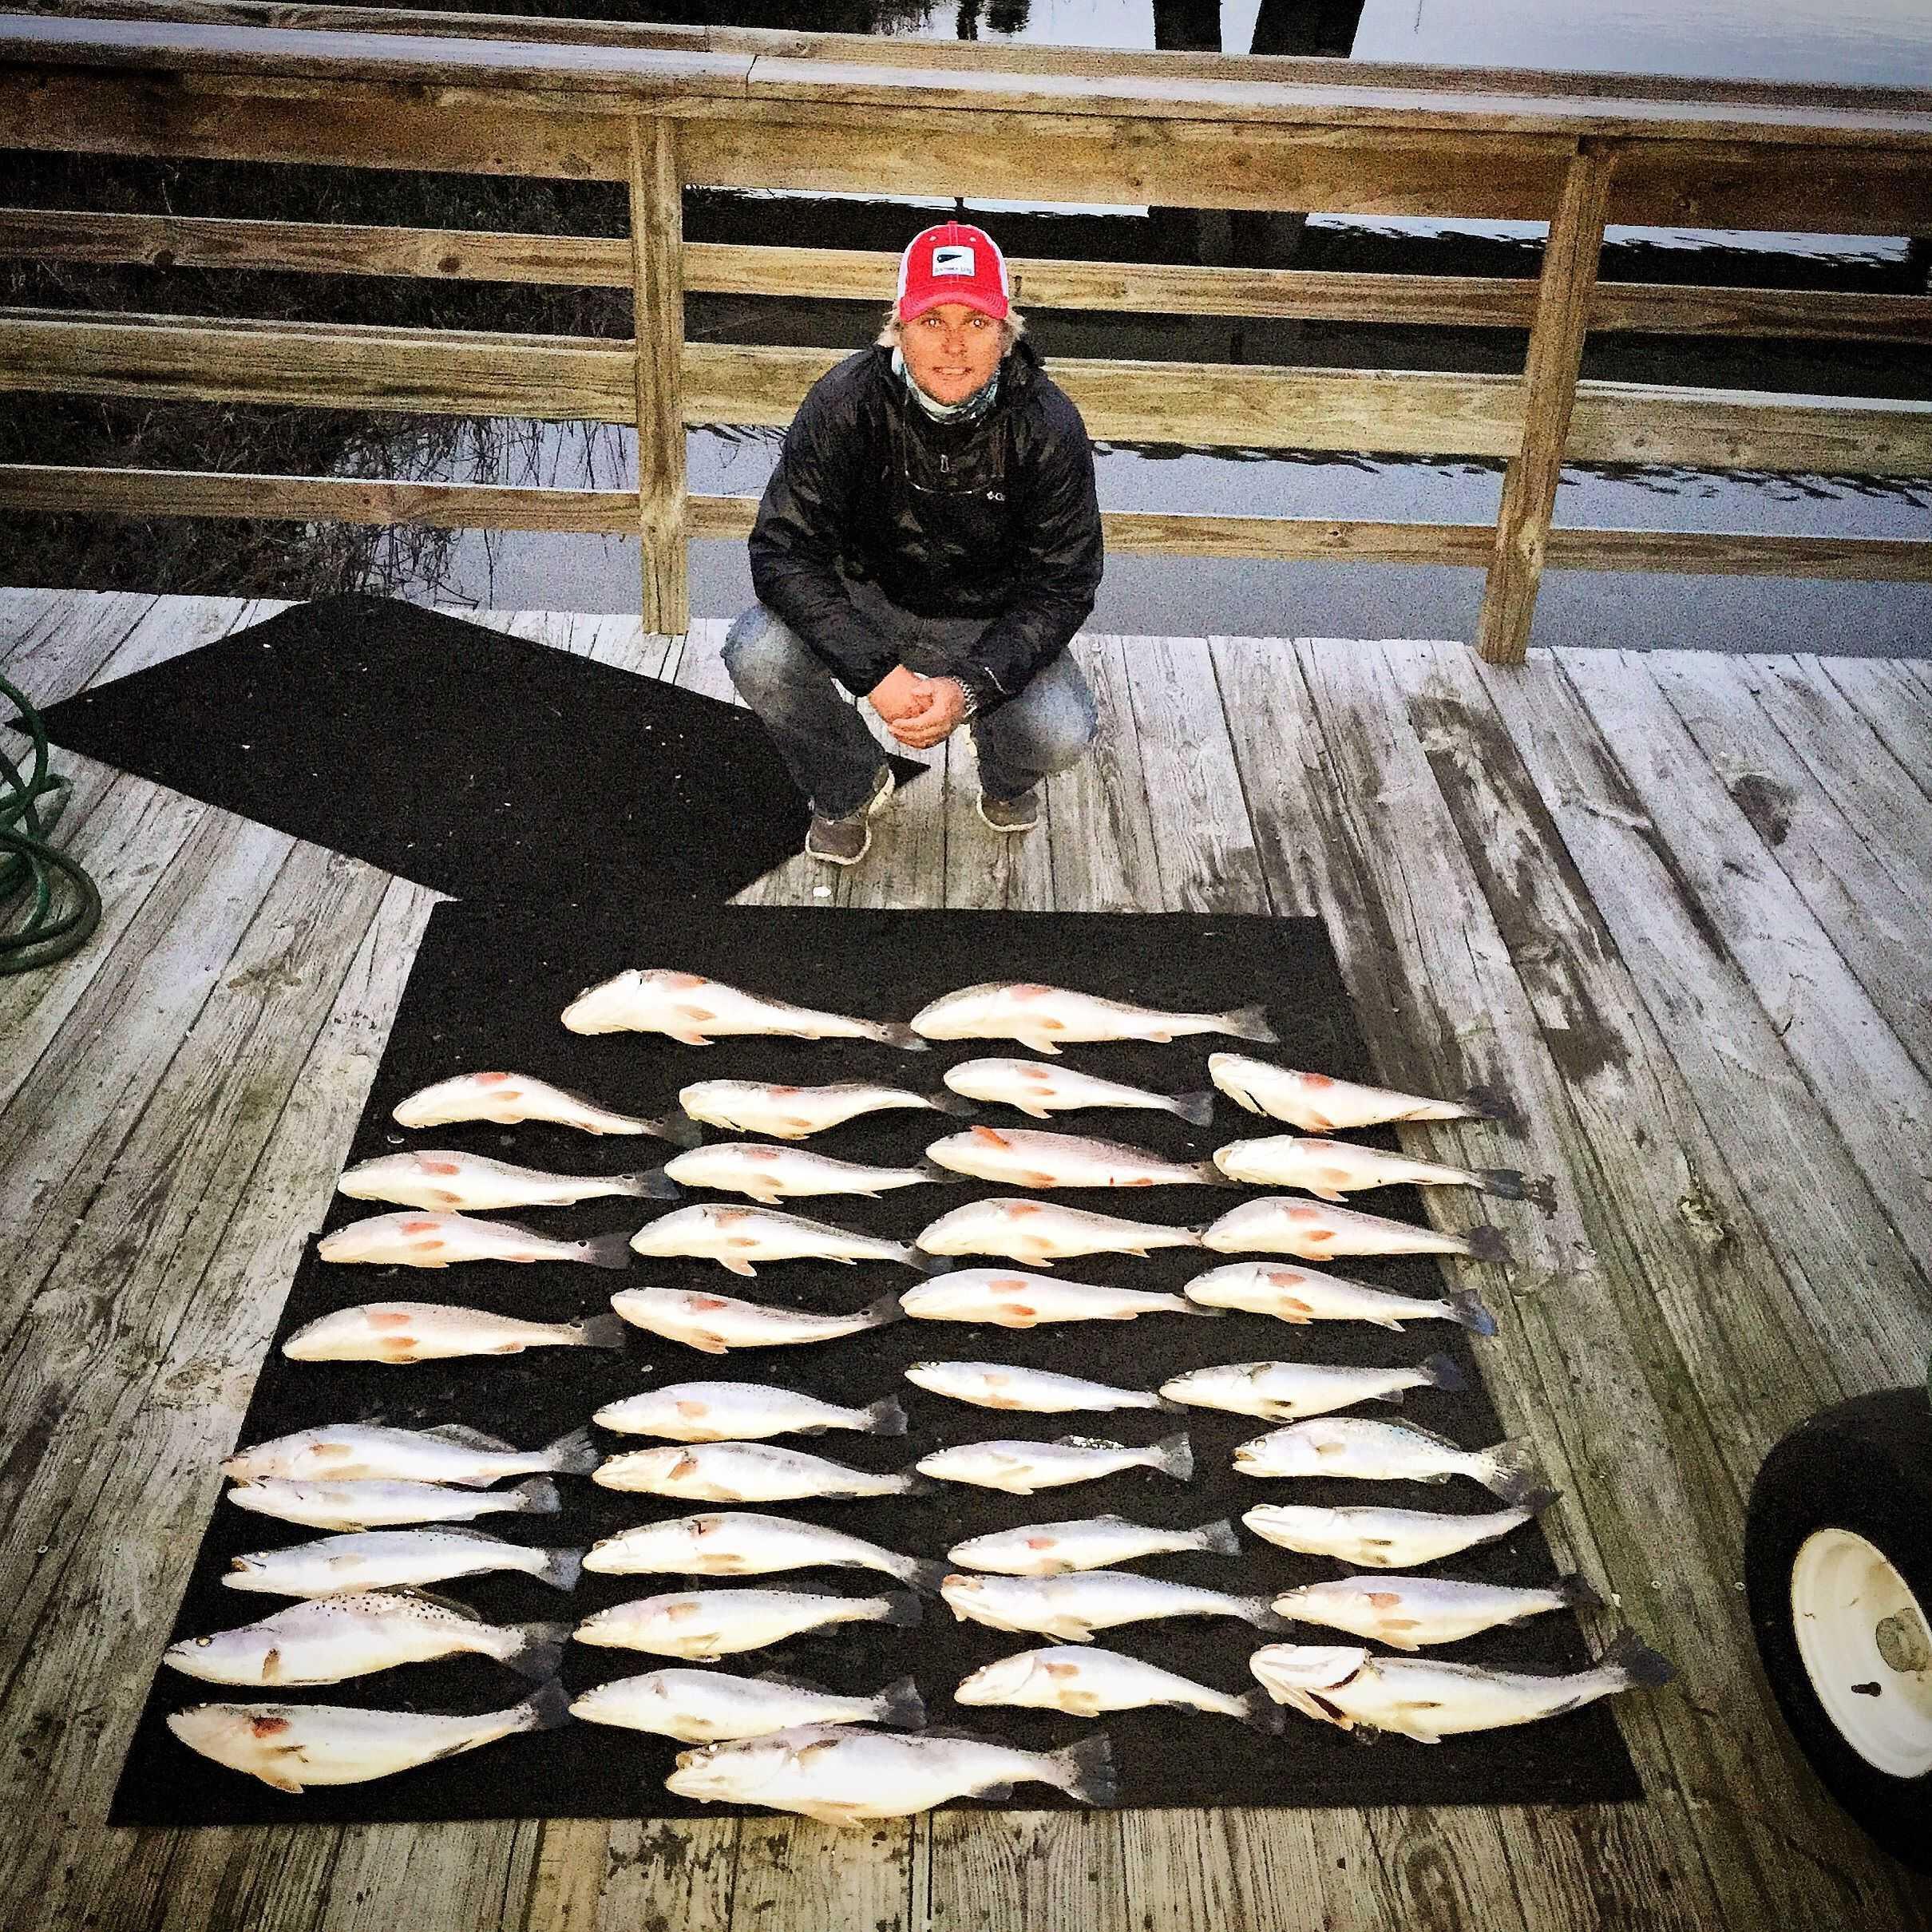 Fishing savannah in january coastal angler the angler for Fishing charters savannah ga